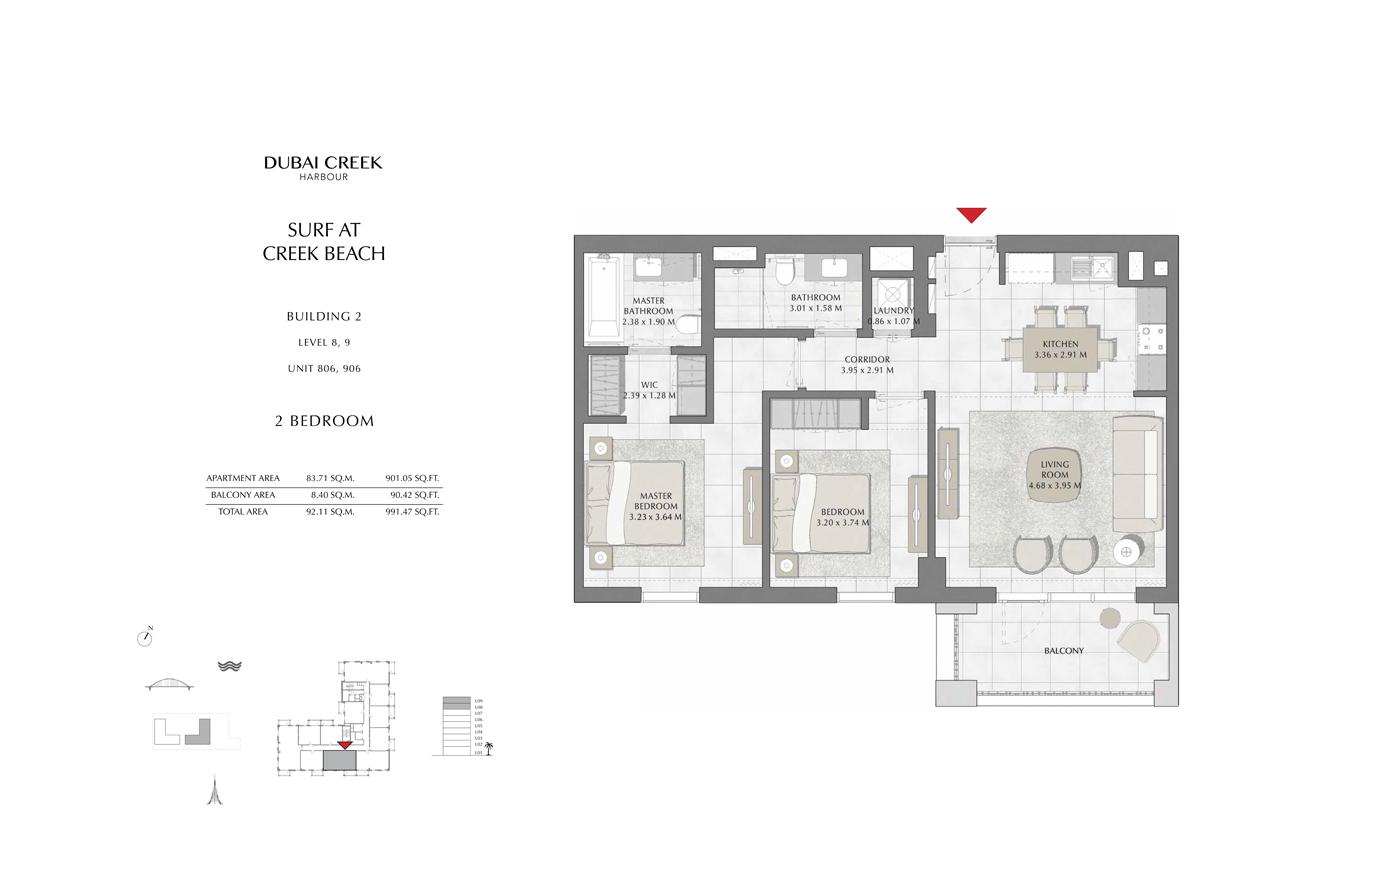 المبنى 2 ، غرفتي نوم،  المستوى 8 ، 9 ، حجم 991 قدم مربع